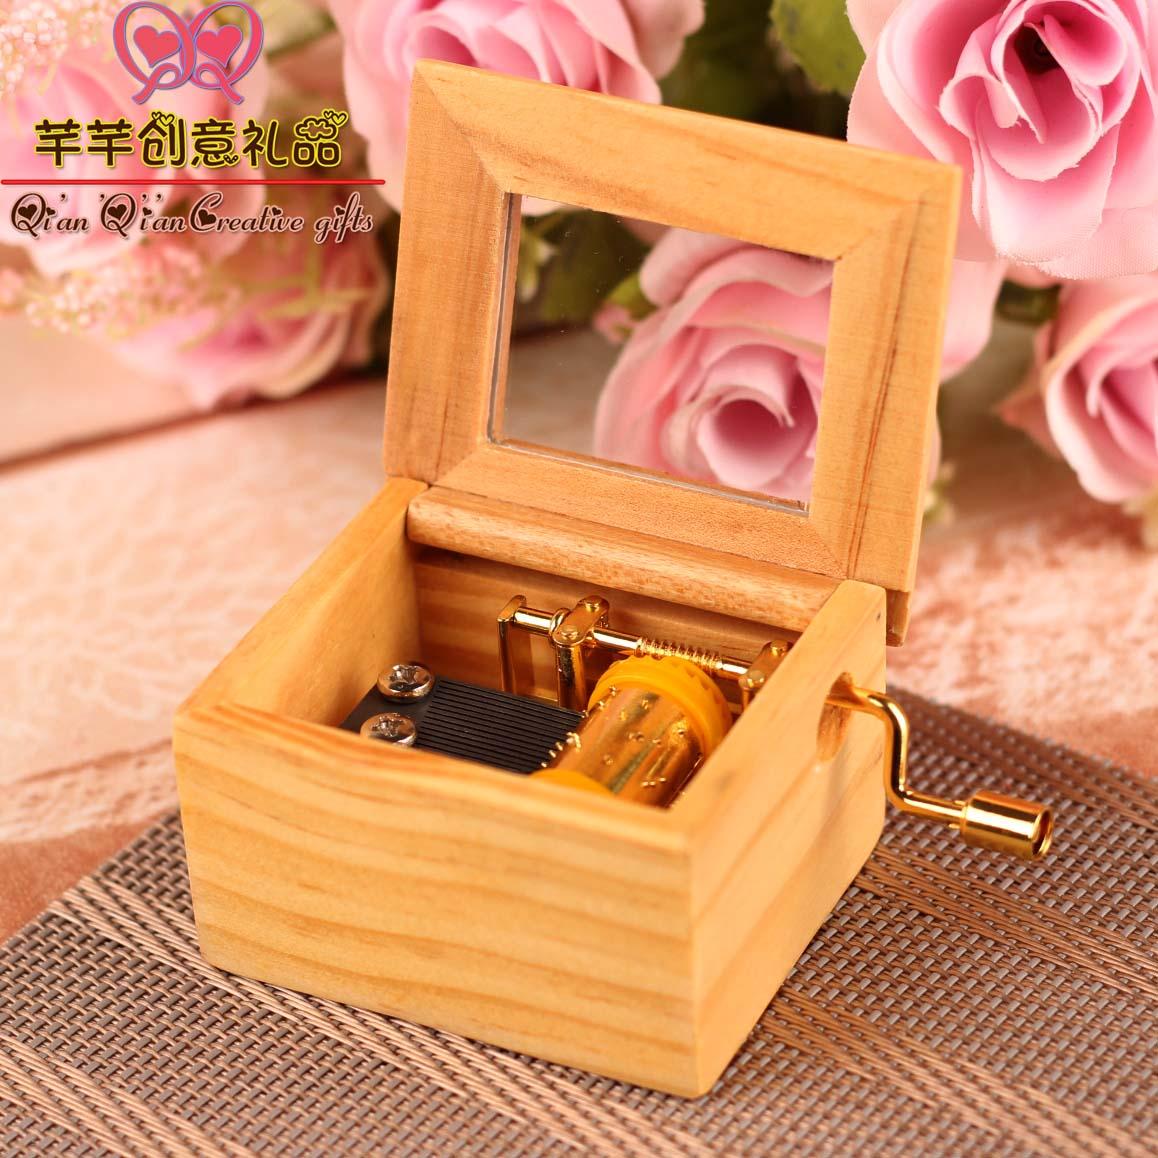 音乐盒 八音盒 精品木质手摇镀金男女生日爱情创意礼物天空之城